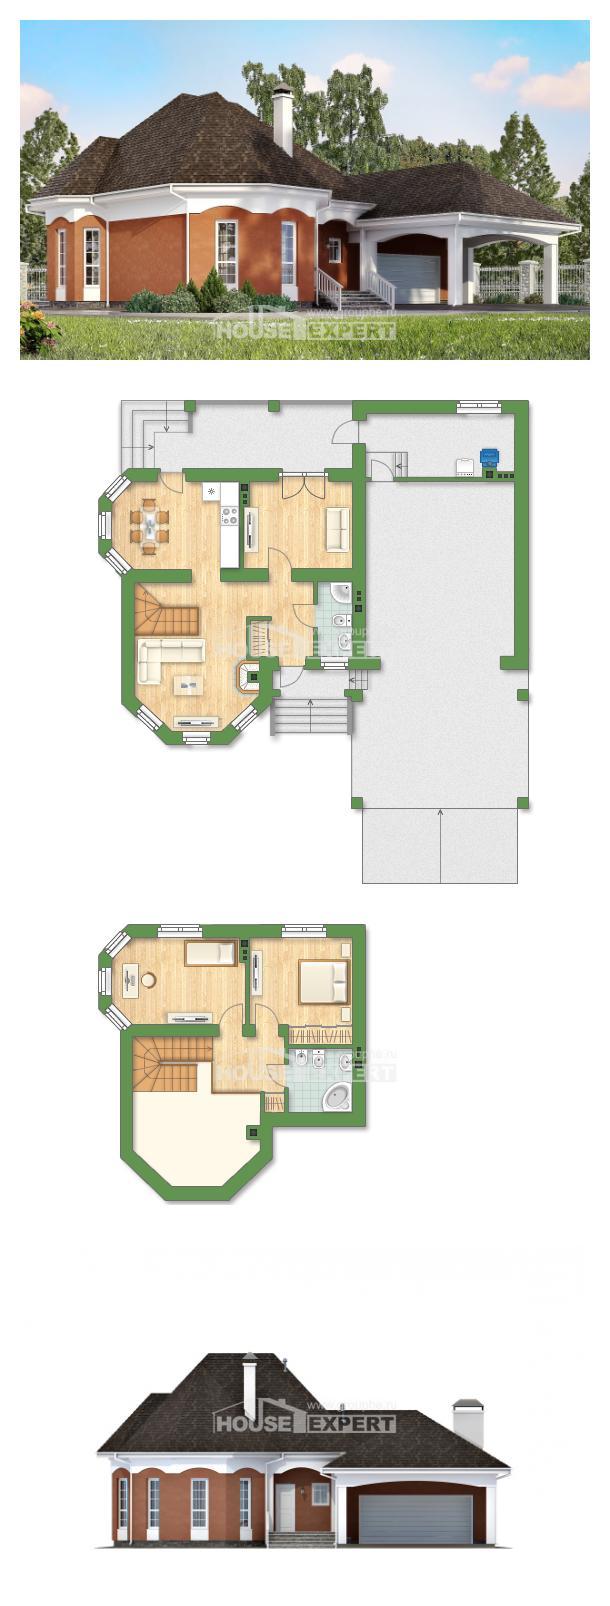 Plan 180-007-R   House Expert